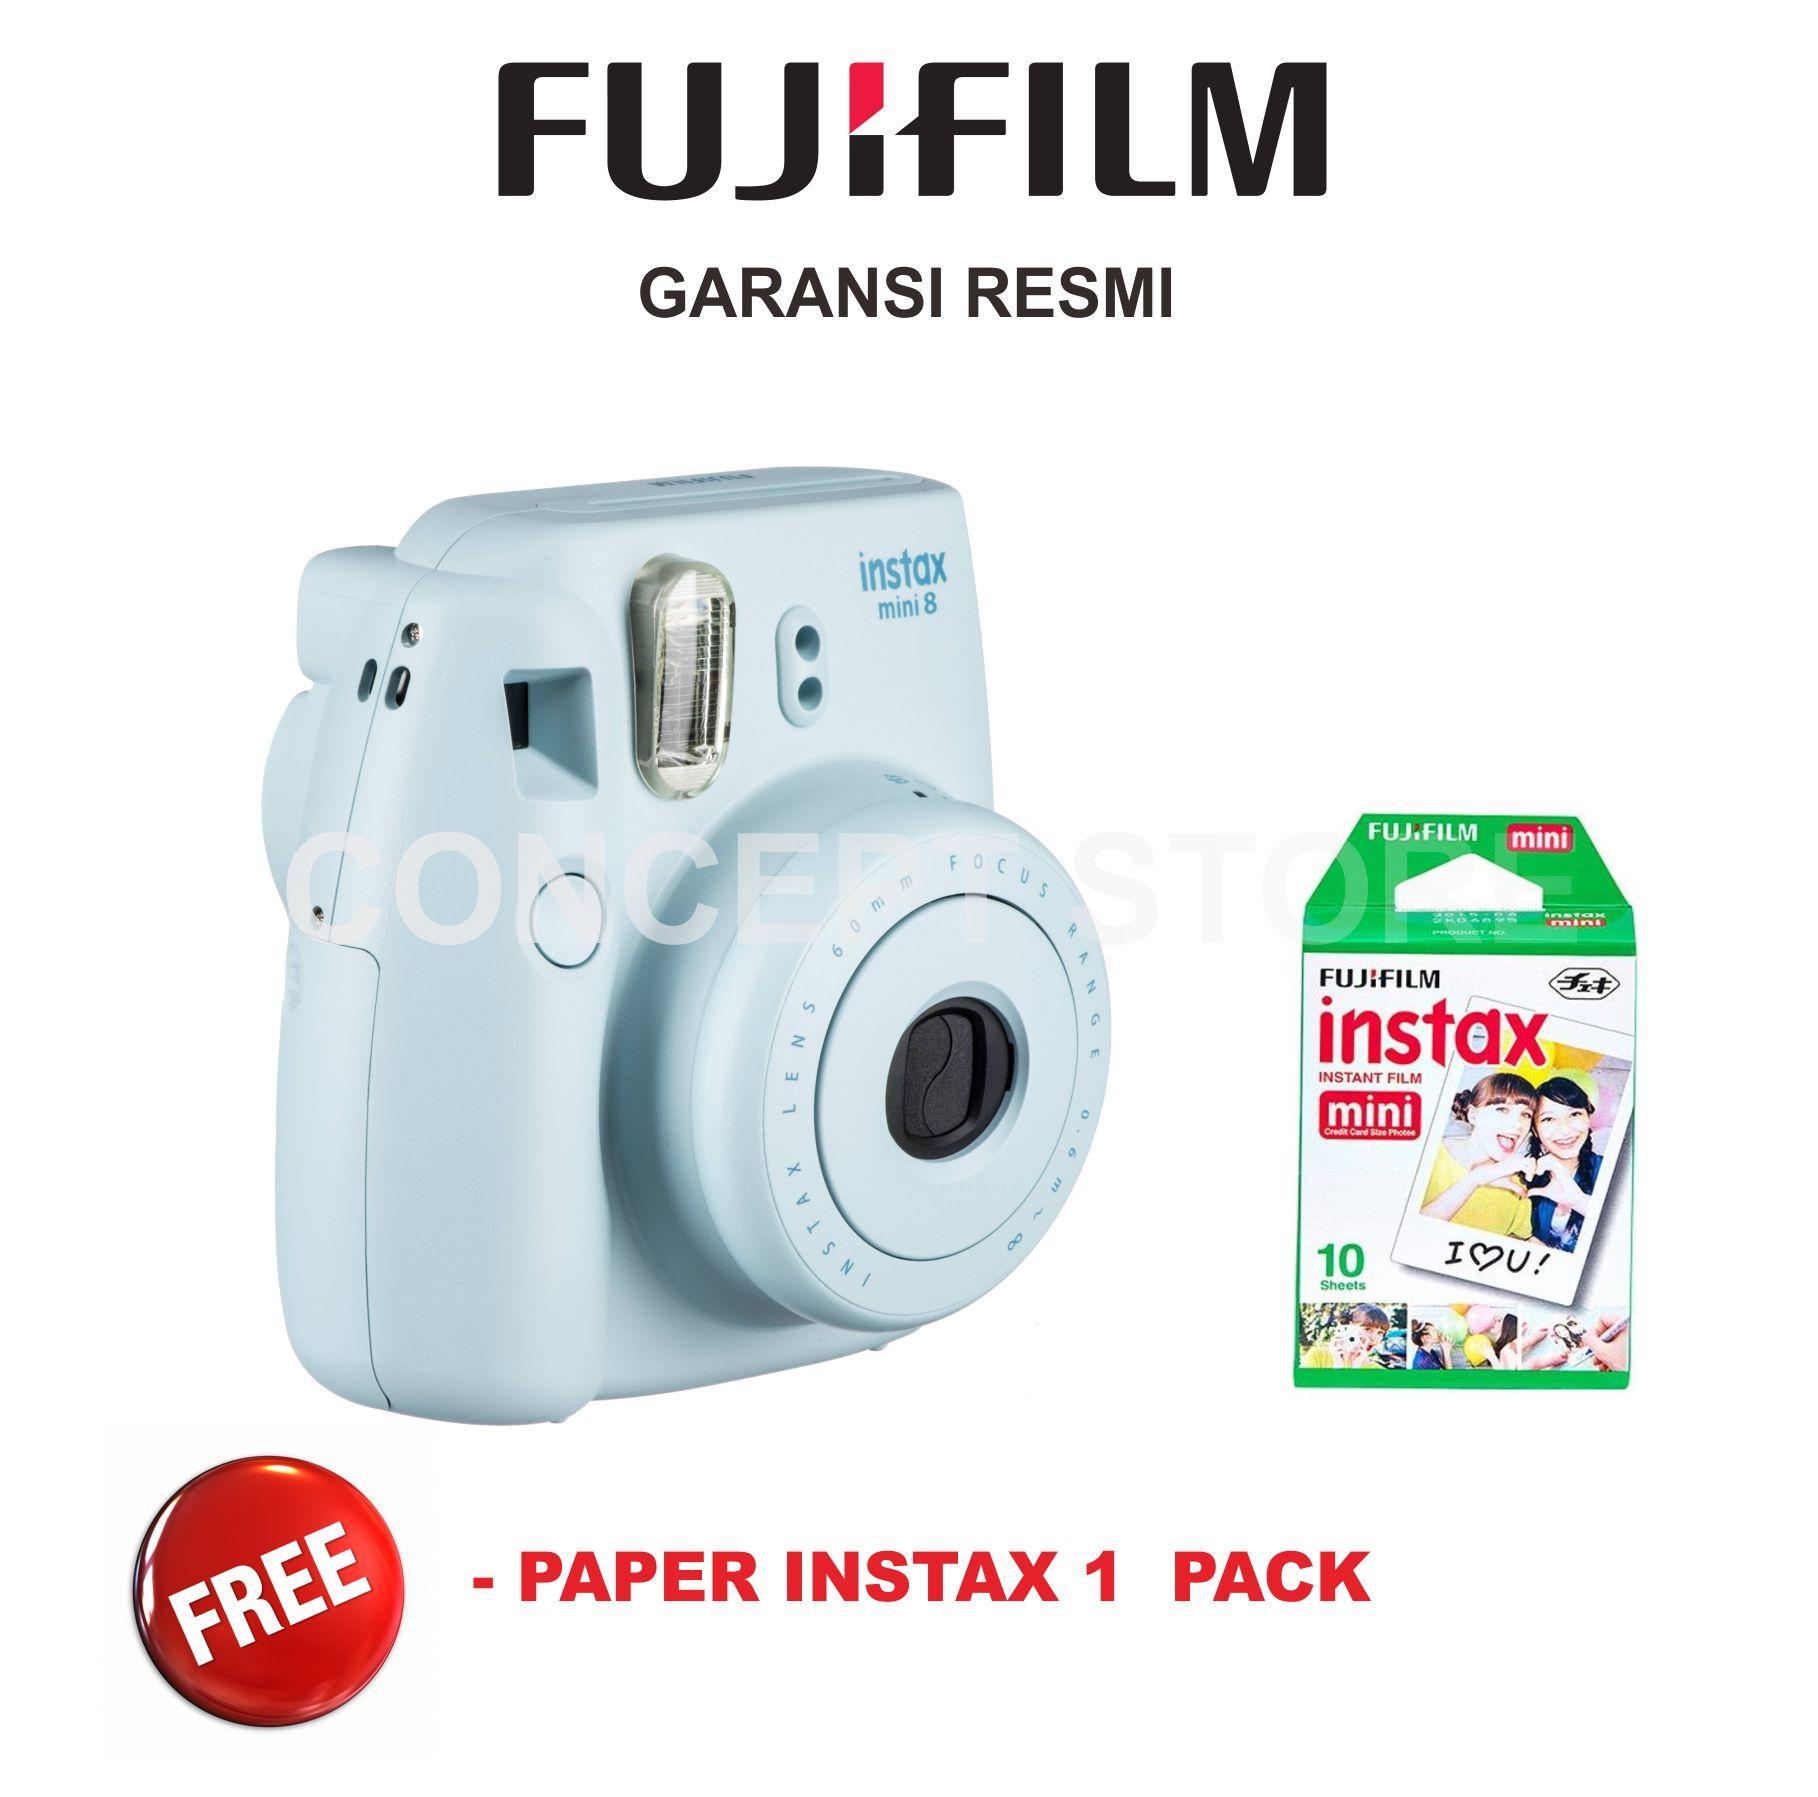 Fujifilm Instax Mini 8 Kamera Polaroid . Mini 8 Free Paper 1 pack